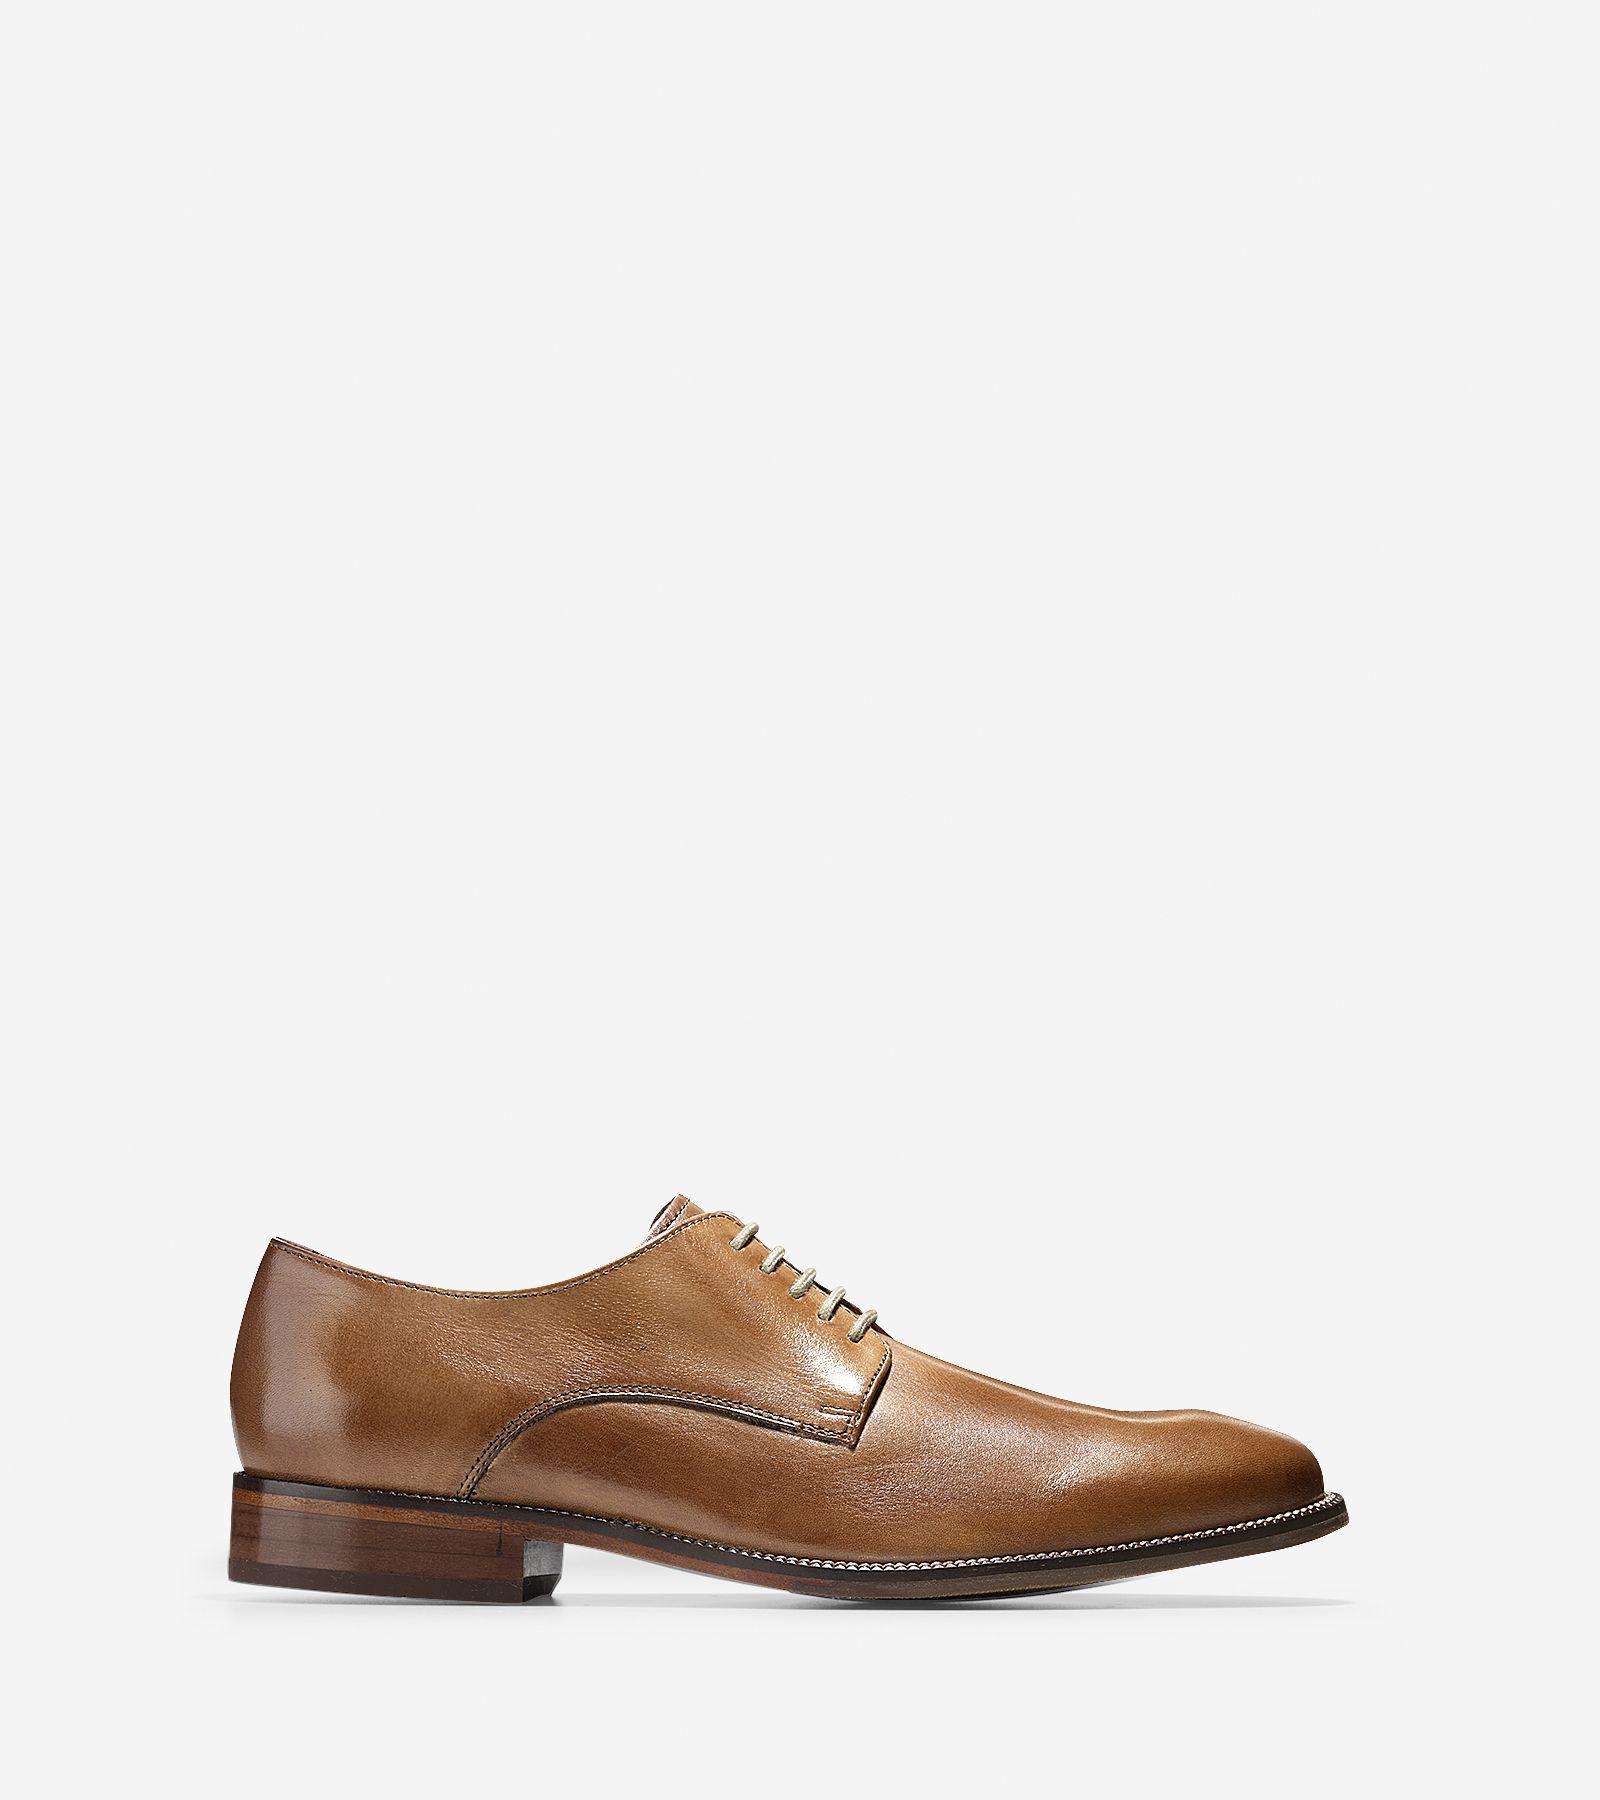 Williams Plain Toe Oxford